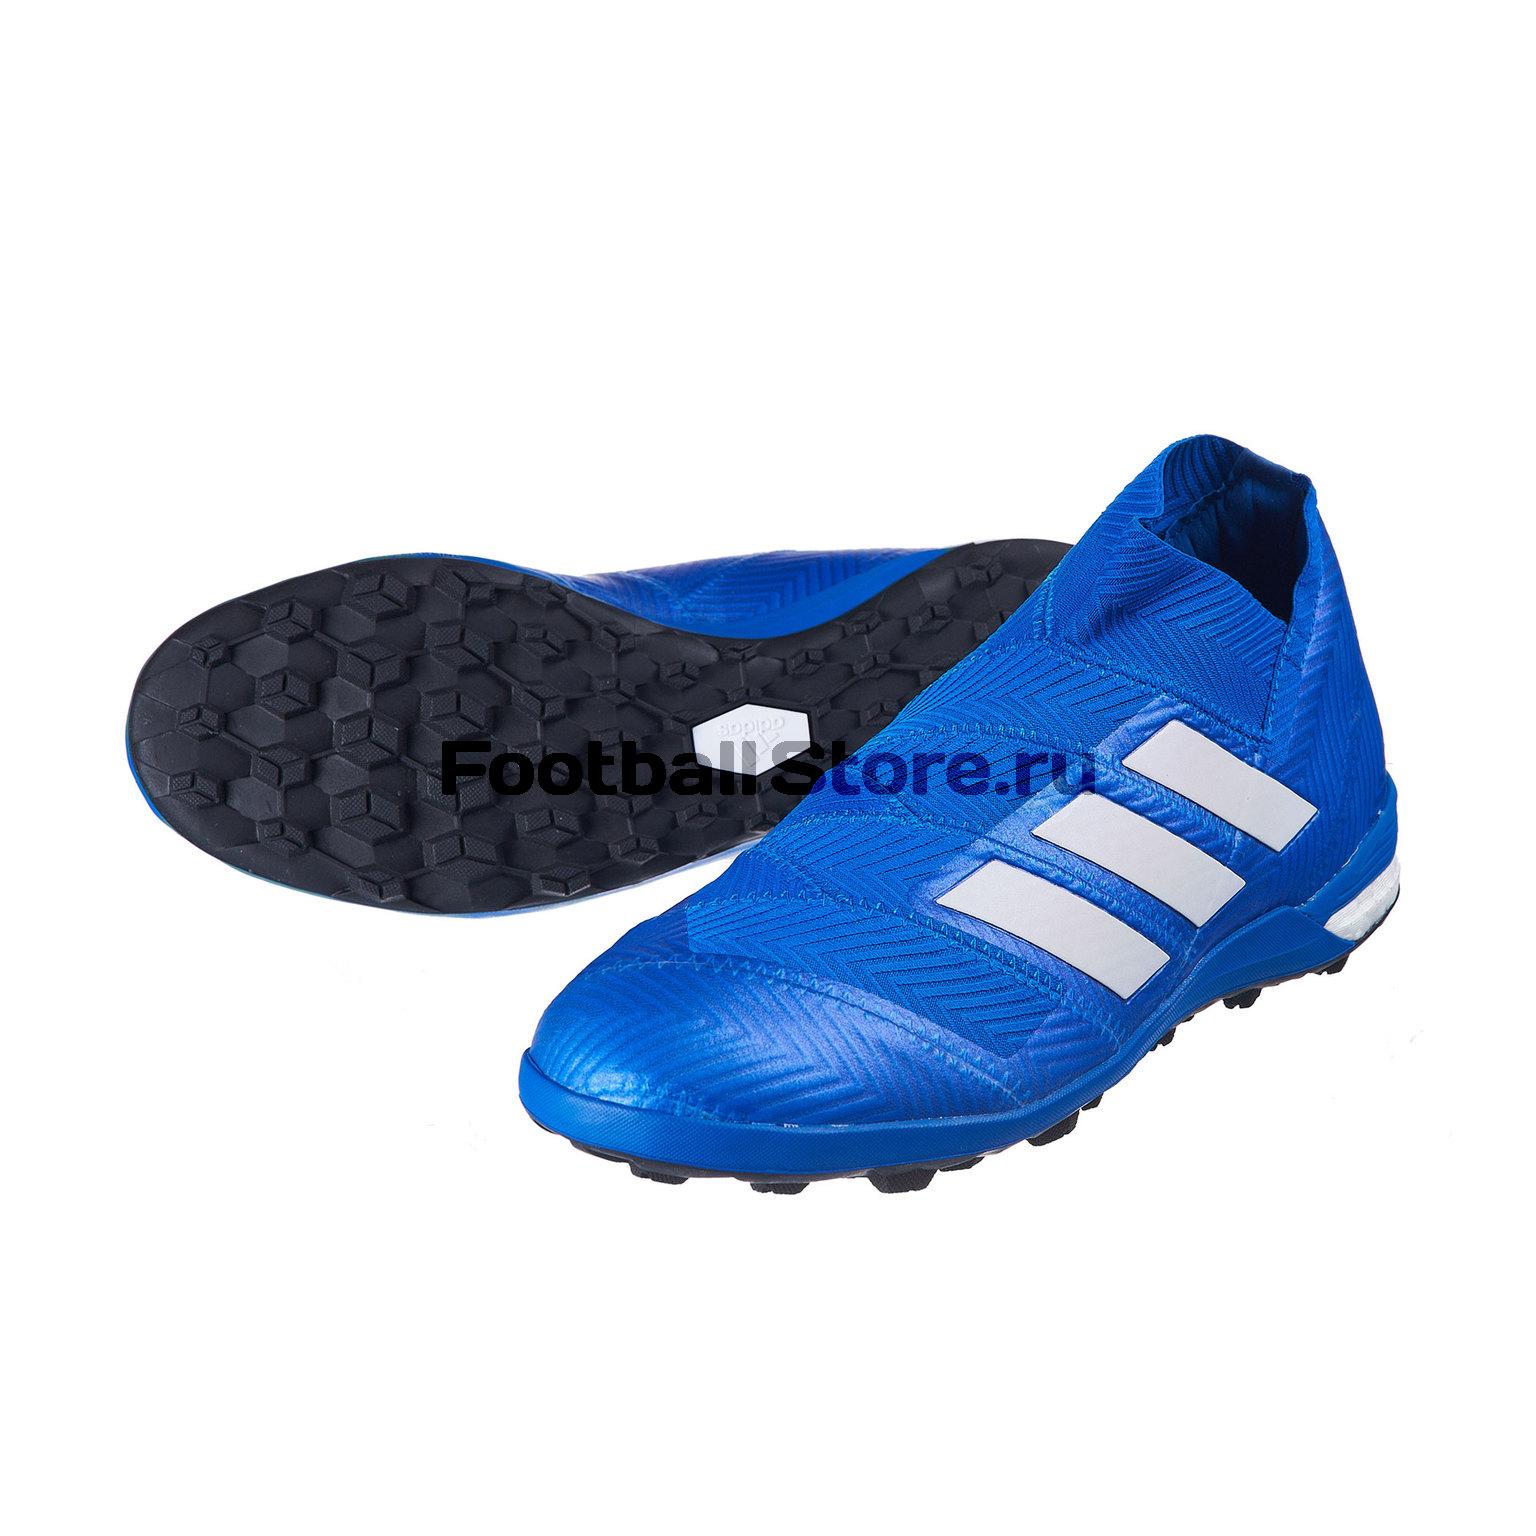 Шиповки Adidas Nemeziz Tango 18+ TF DB2466 цена